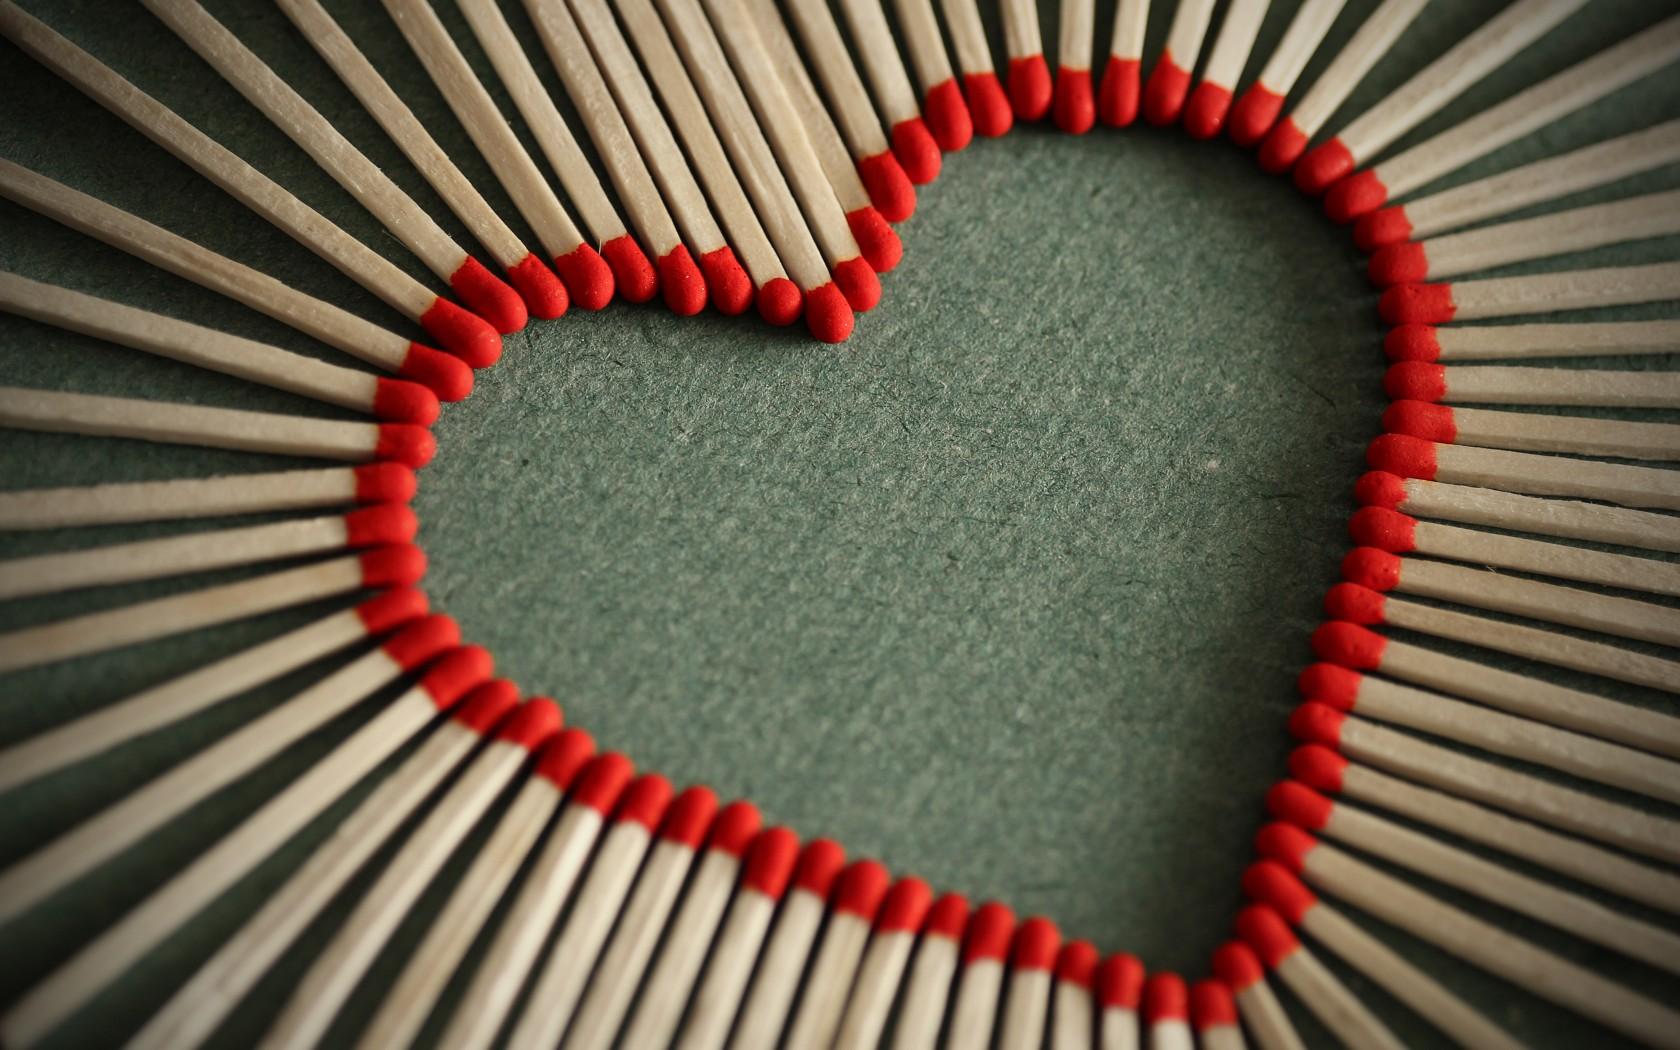 صور قلوب وحب ورومانسية وصورة قلب HD  (1)